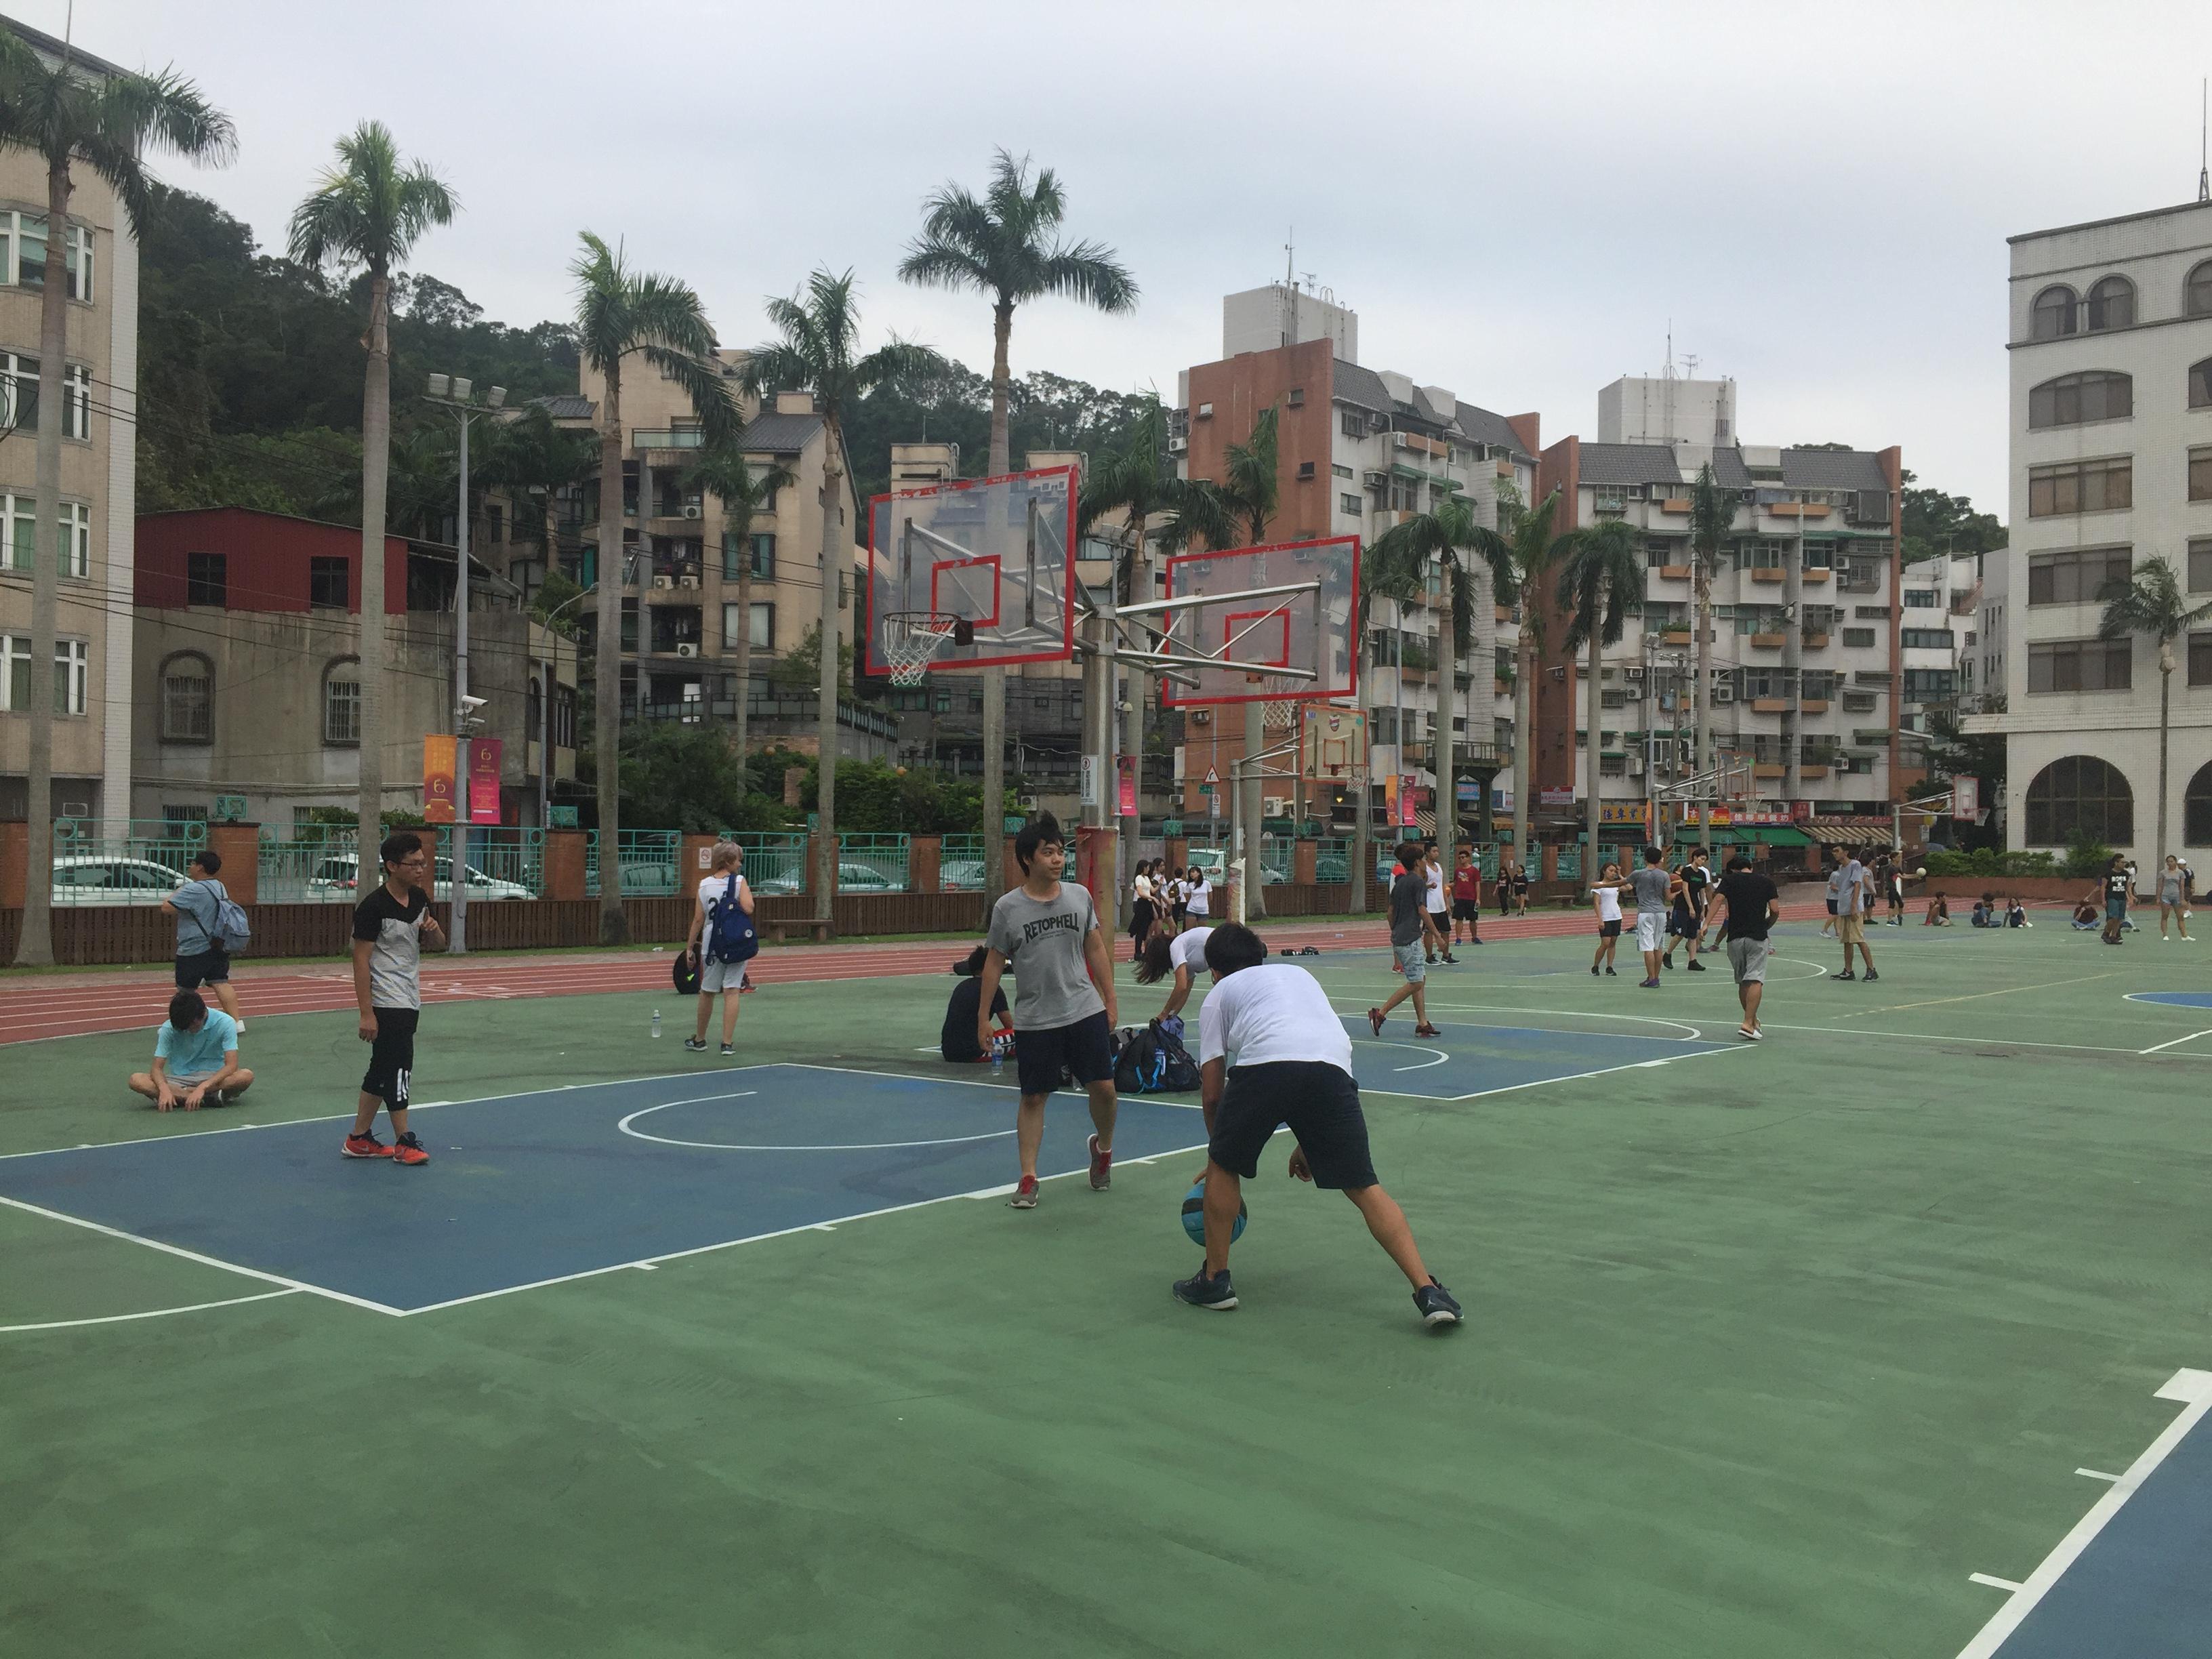 在室外打籃球的民眾。攝影 / 潘幸暉